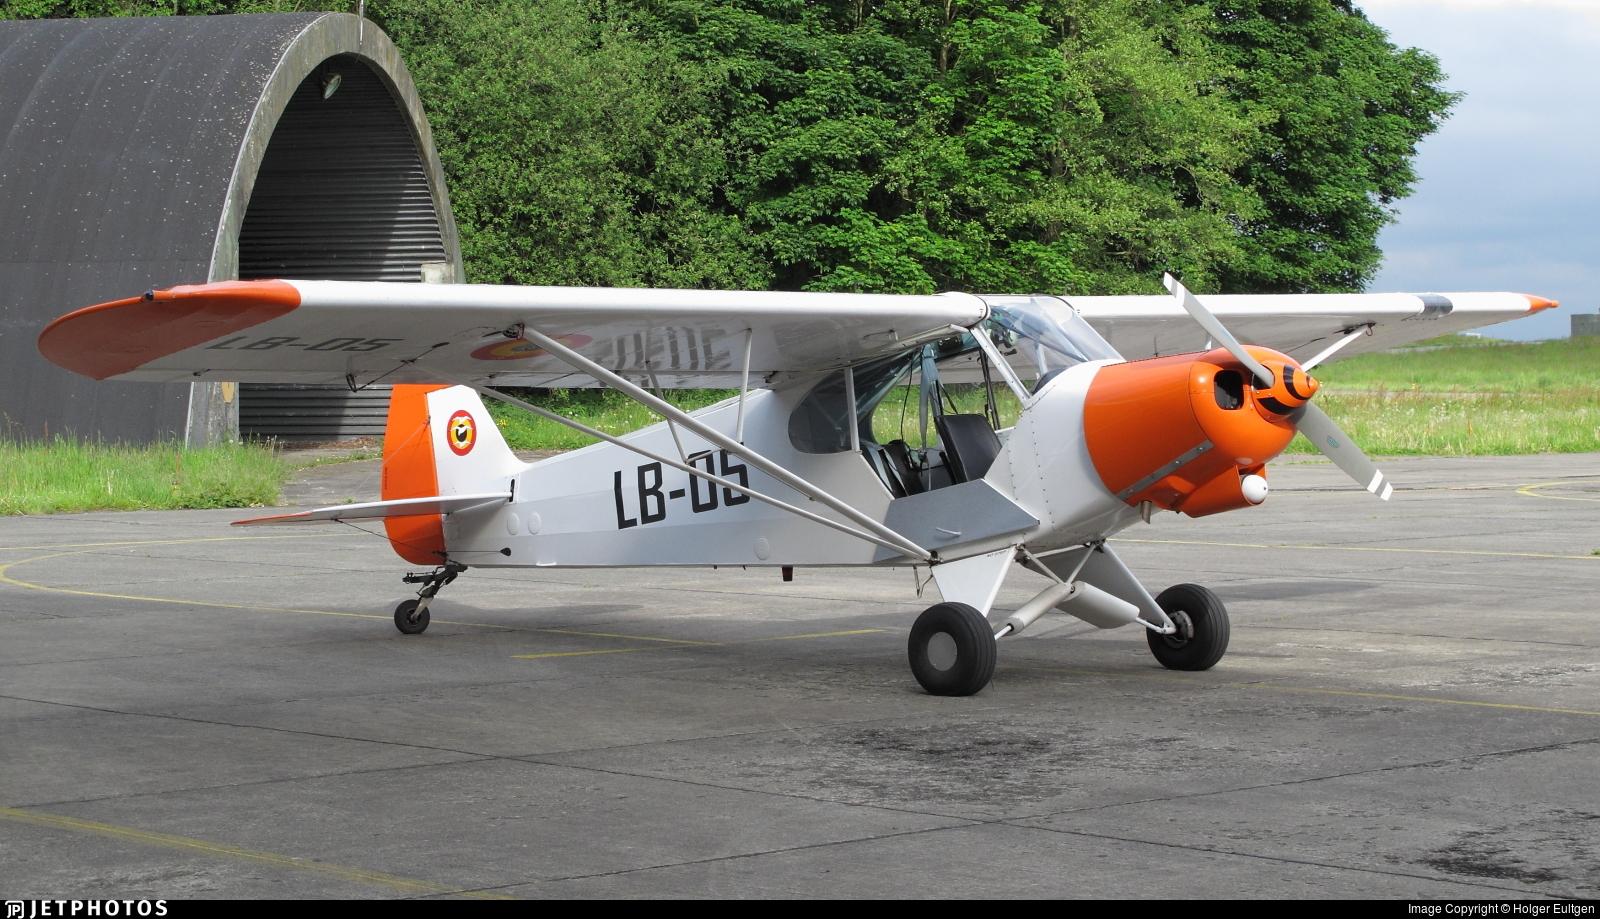 LB-05 - Piper L-21B Super Cub - Belgium - Air Force